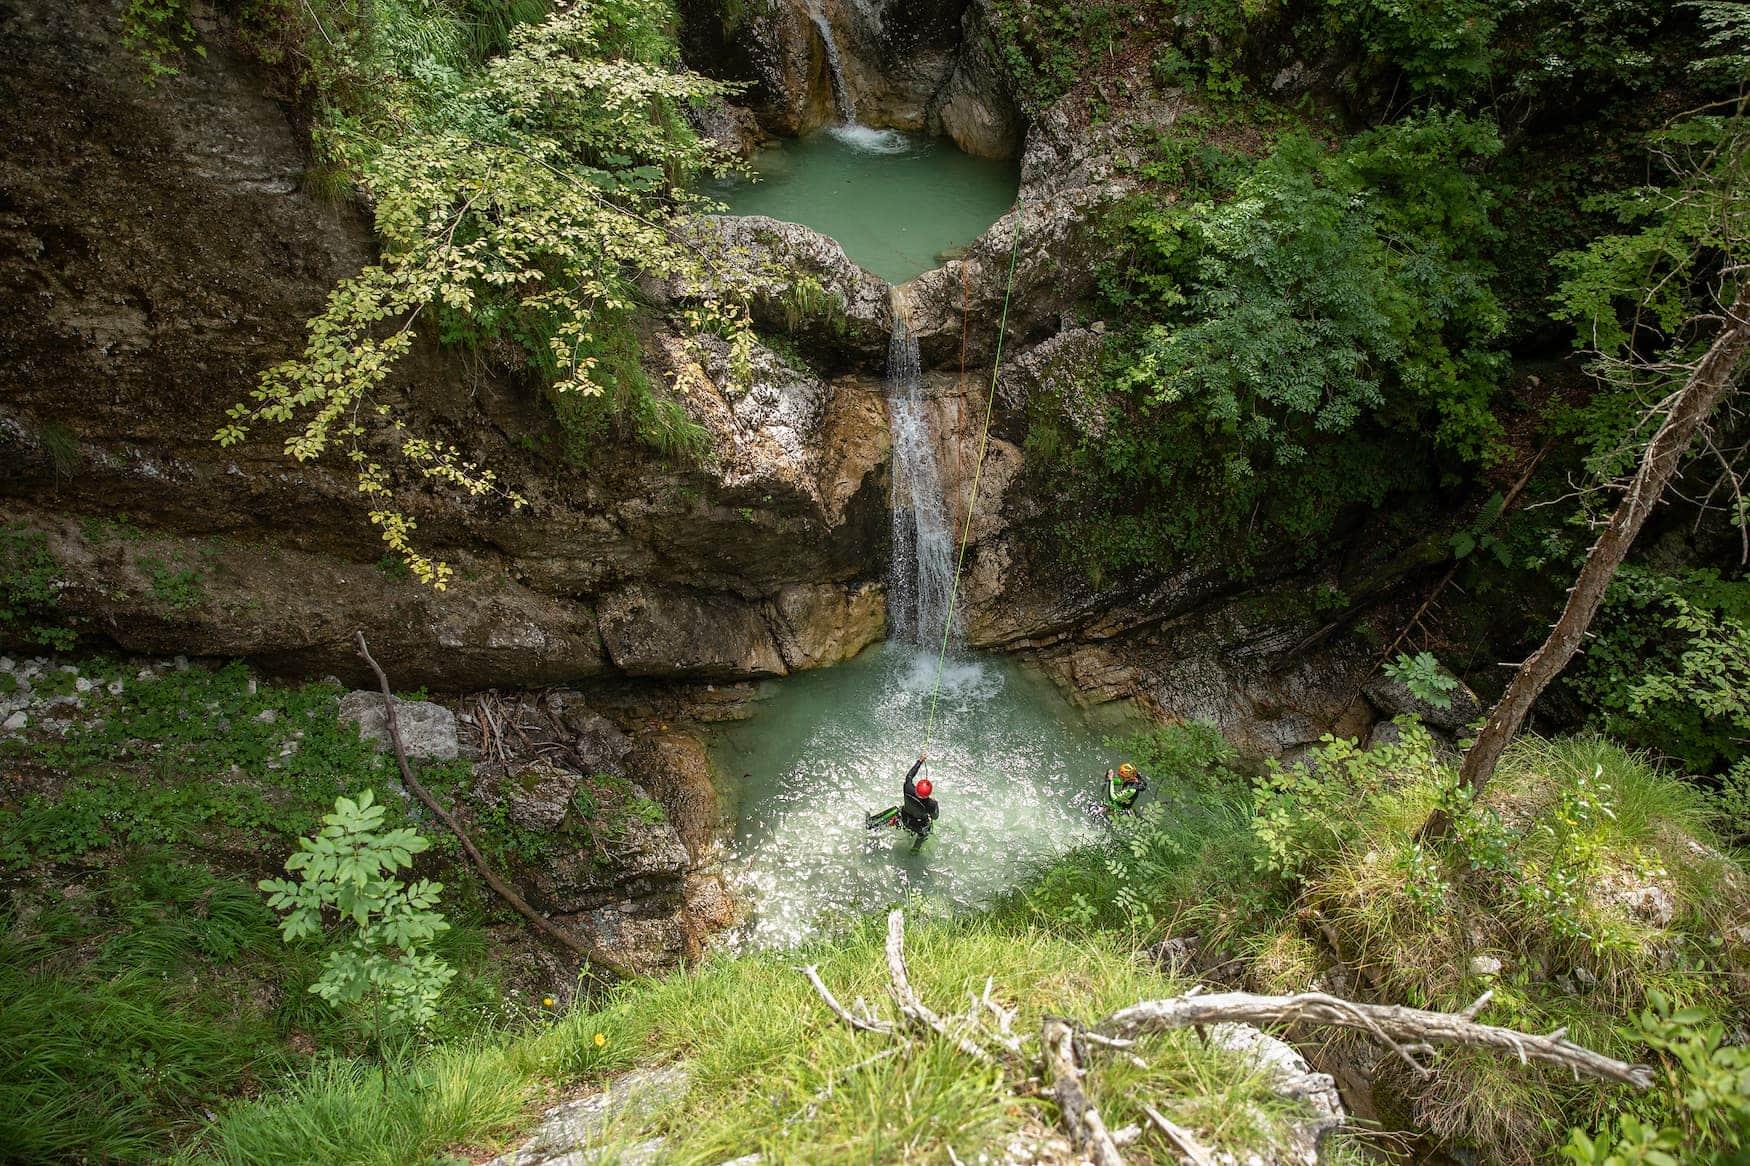 Zwei Menschen beim Canyoning in slowenischen Gewässern